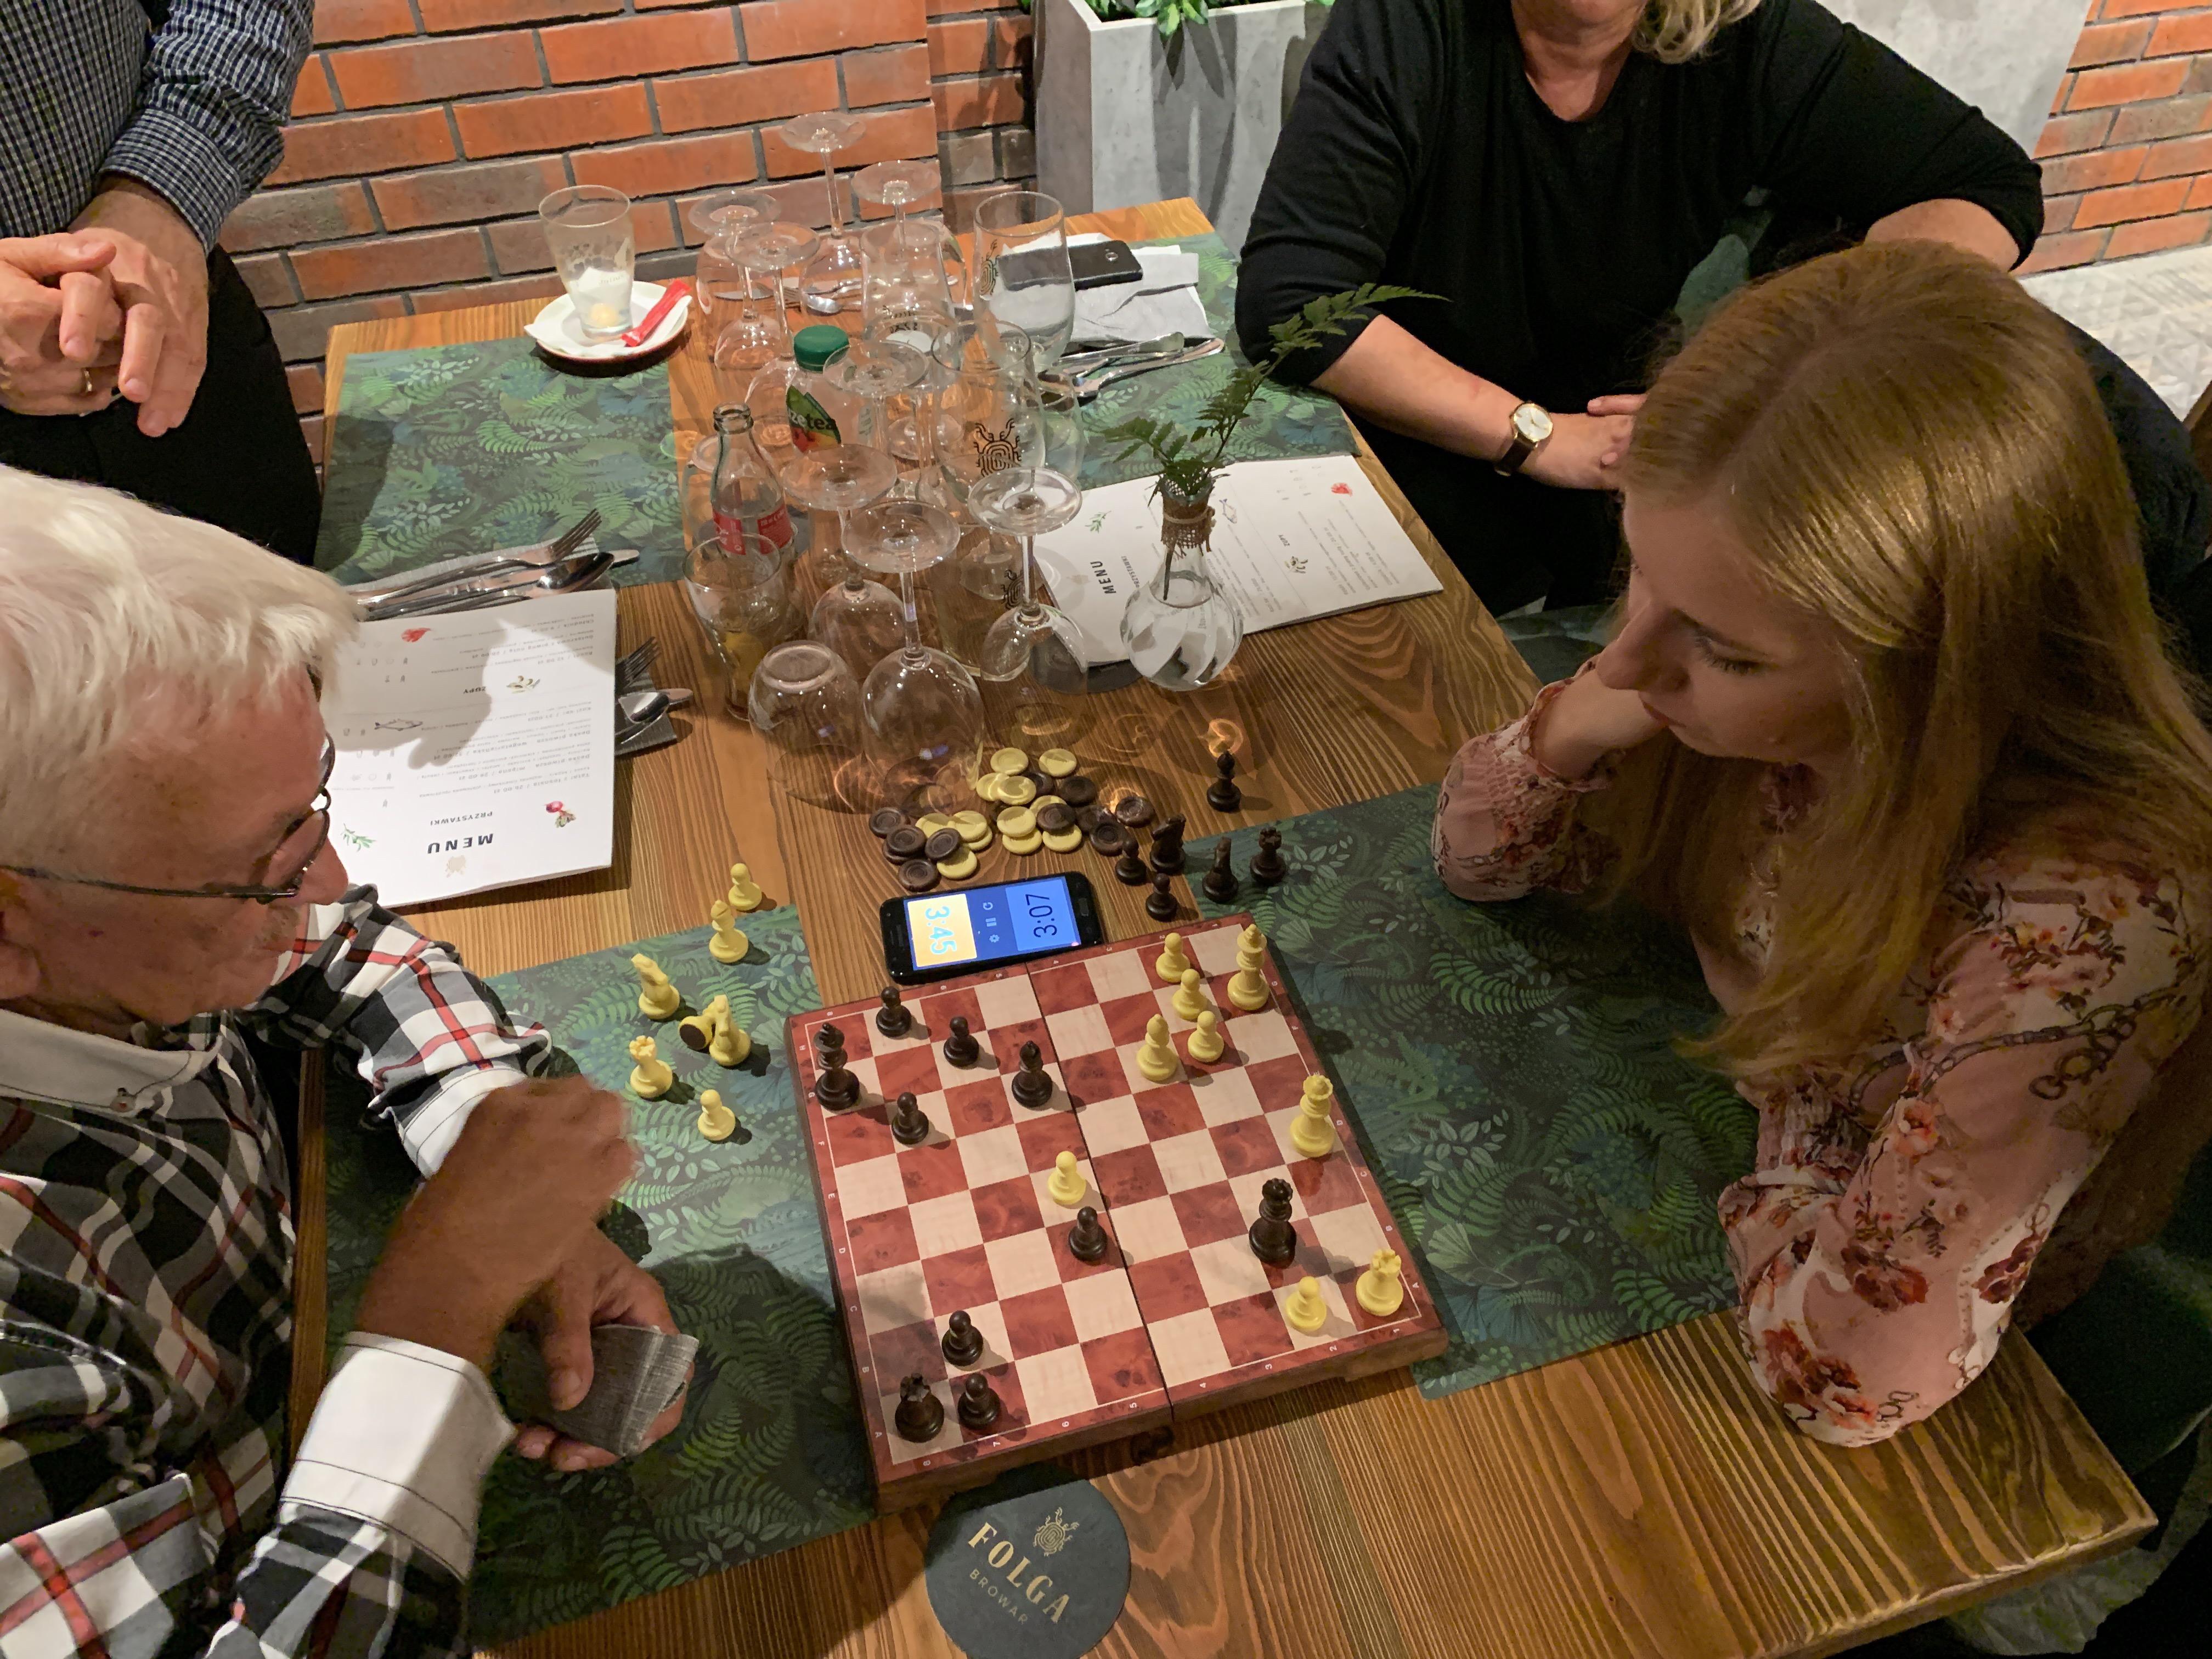 Szachiści grają w szachy w browarze Folga